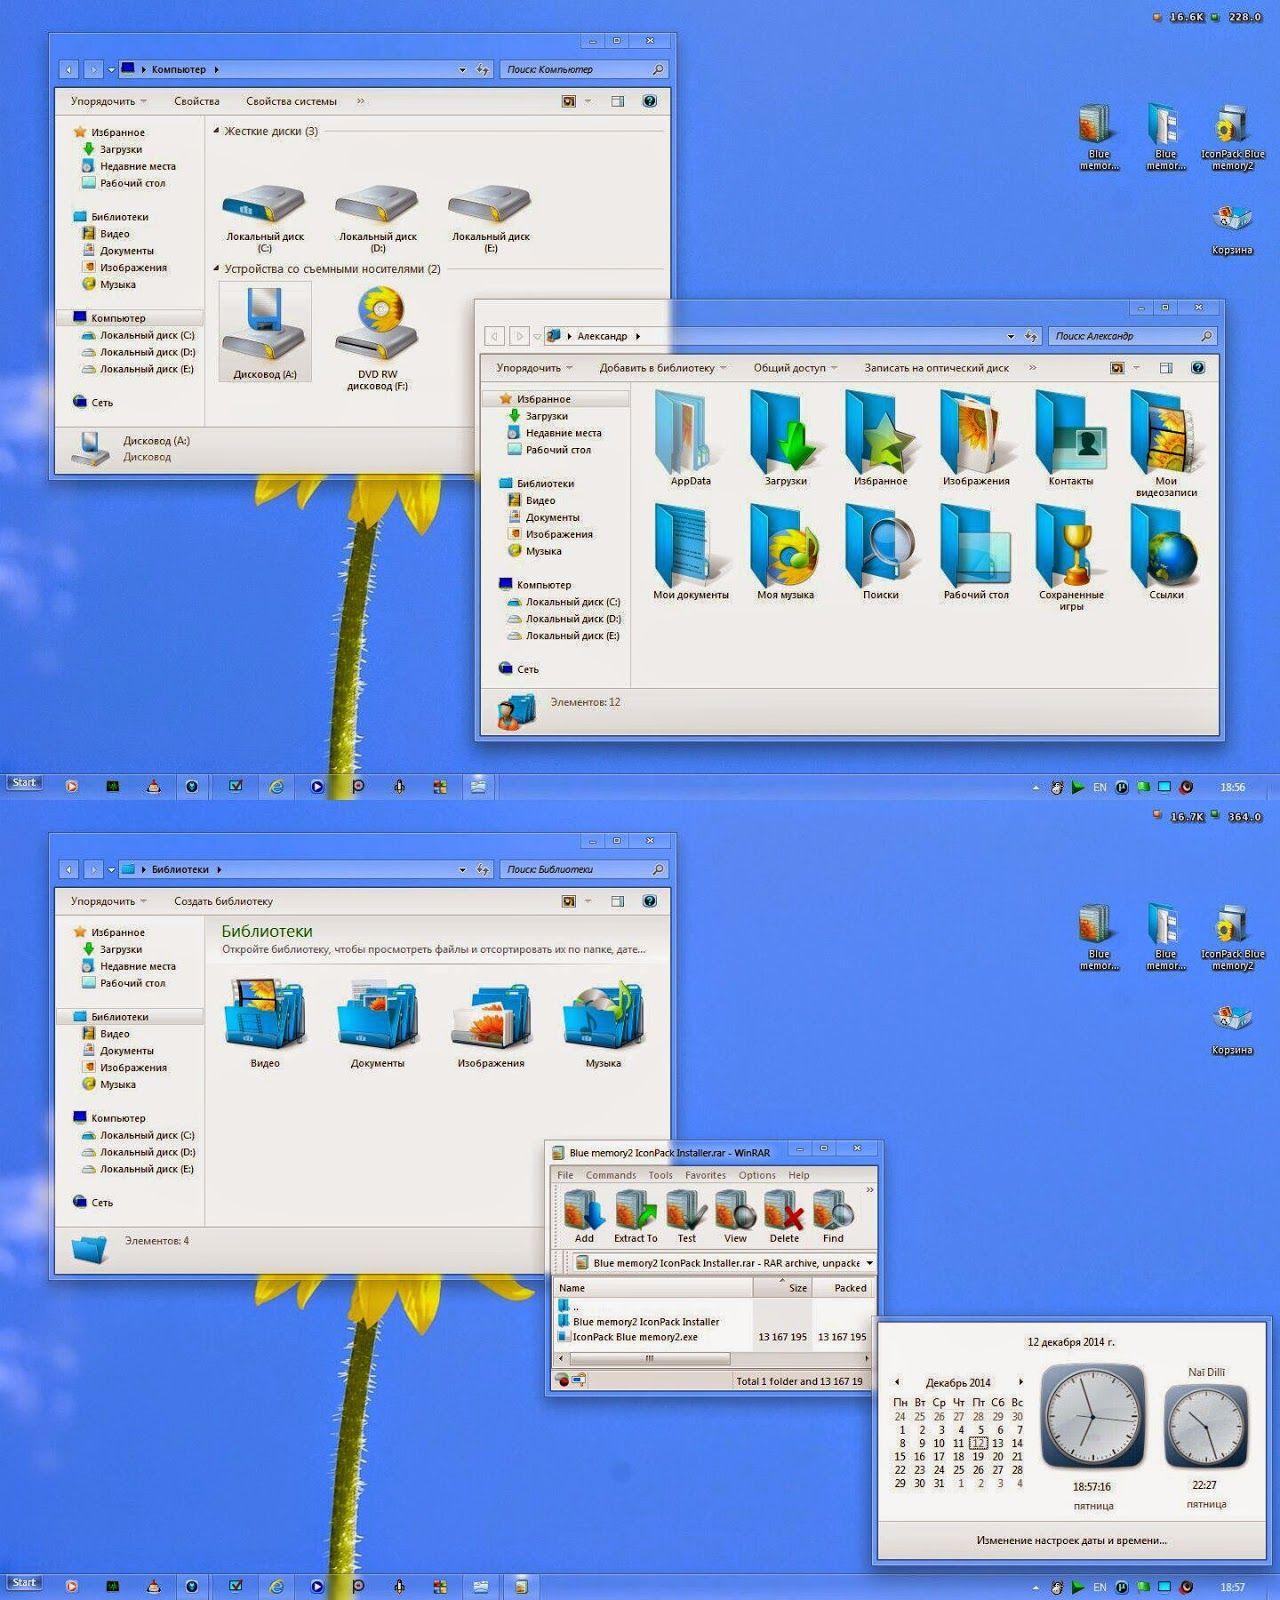 Blue memory2 IconPack Installer For Win7/8.1/10 t